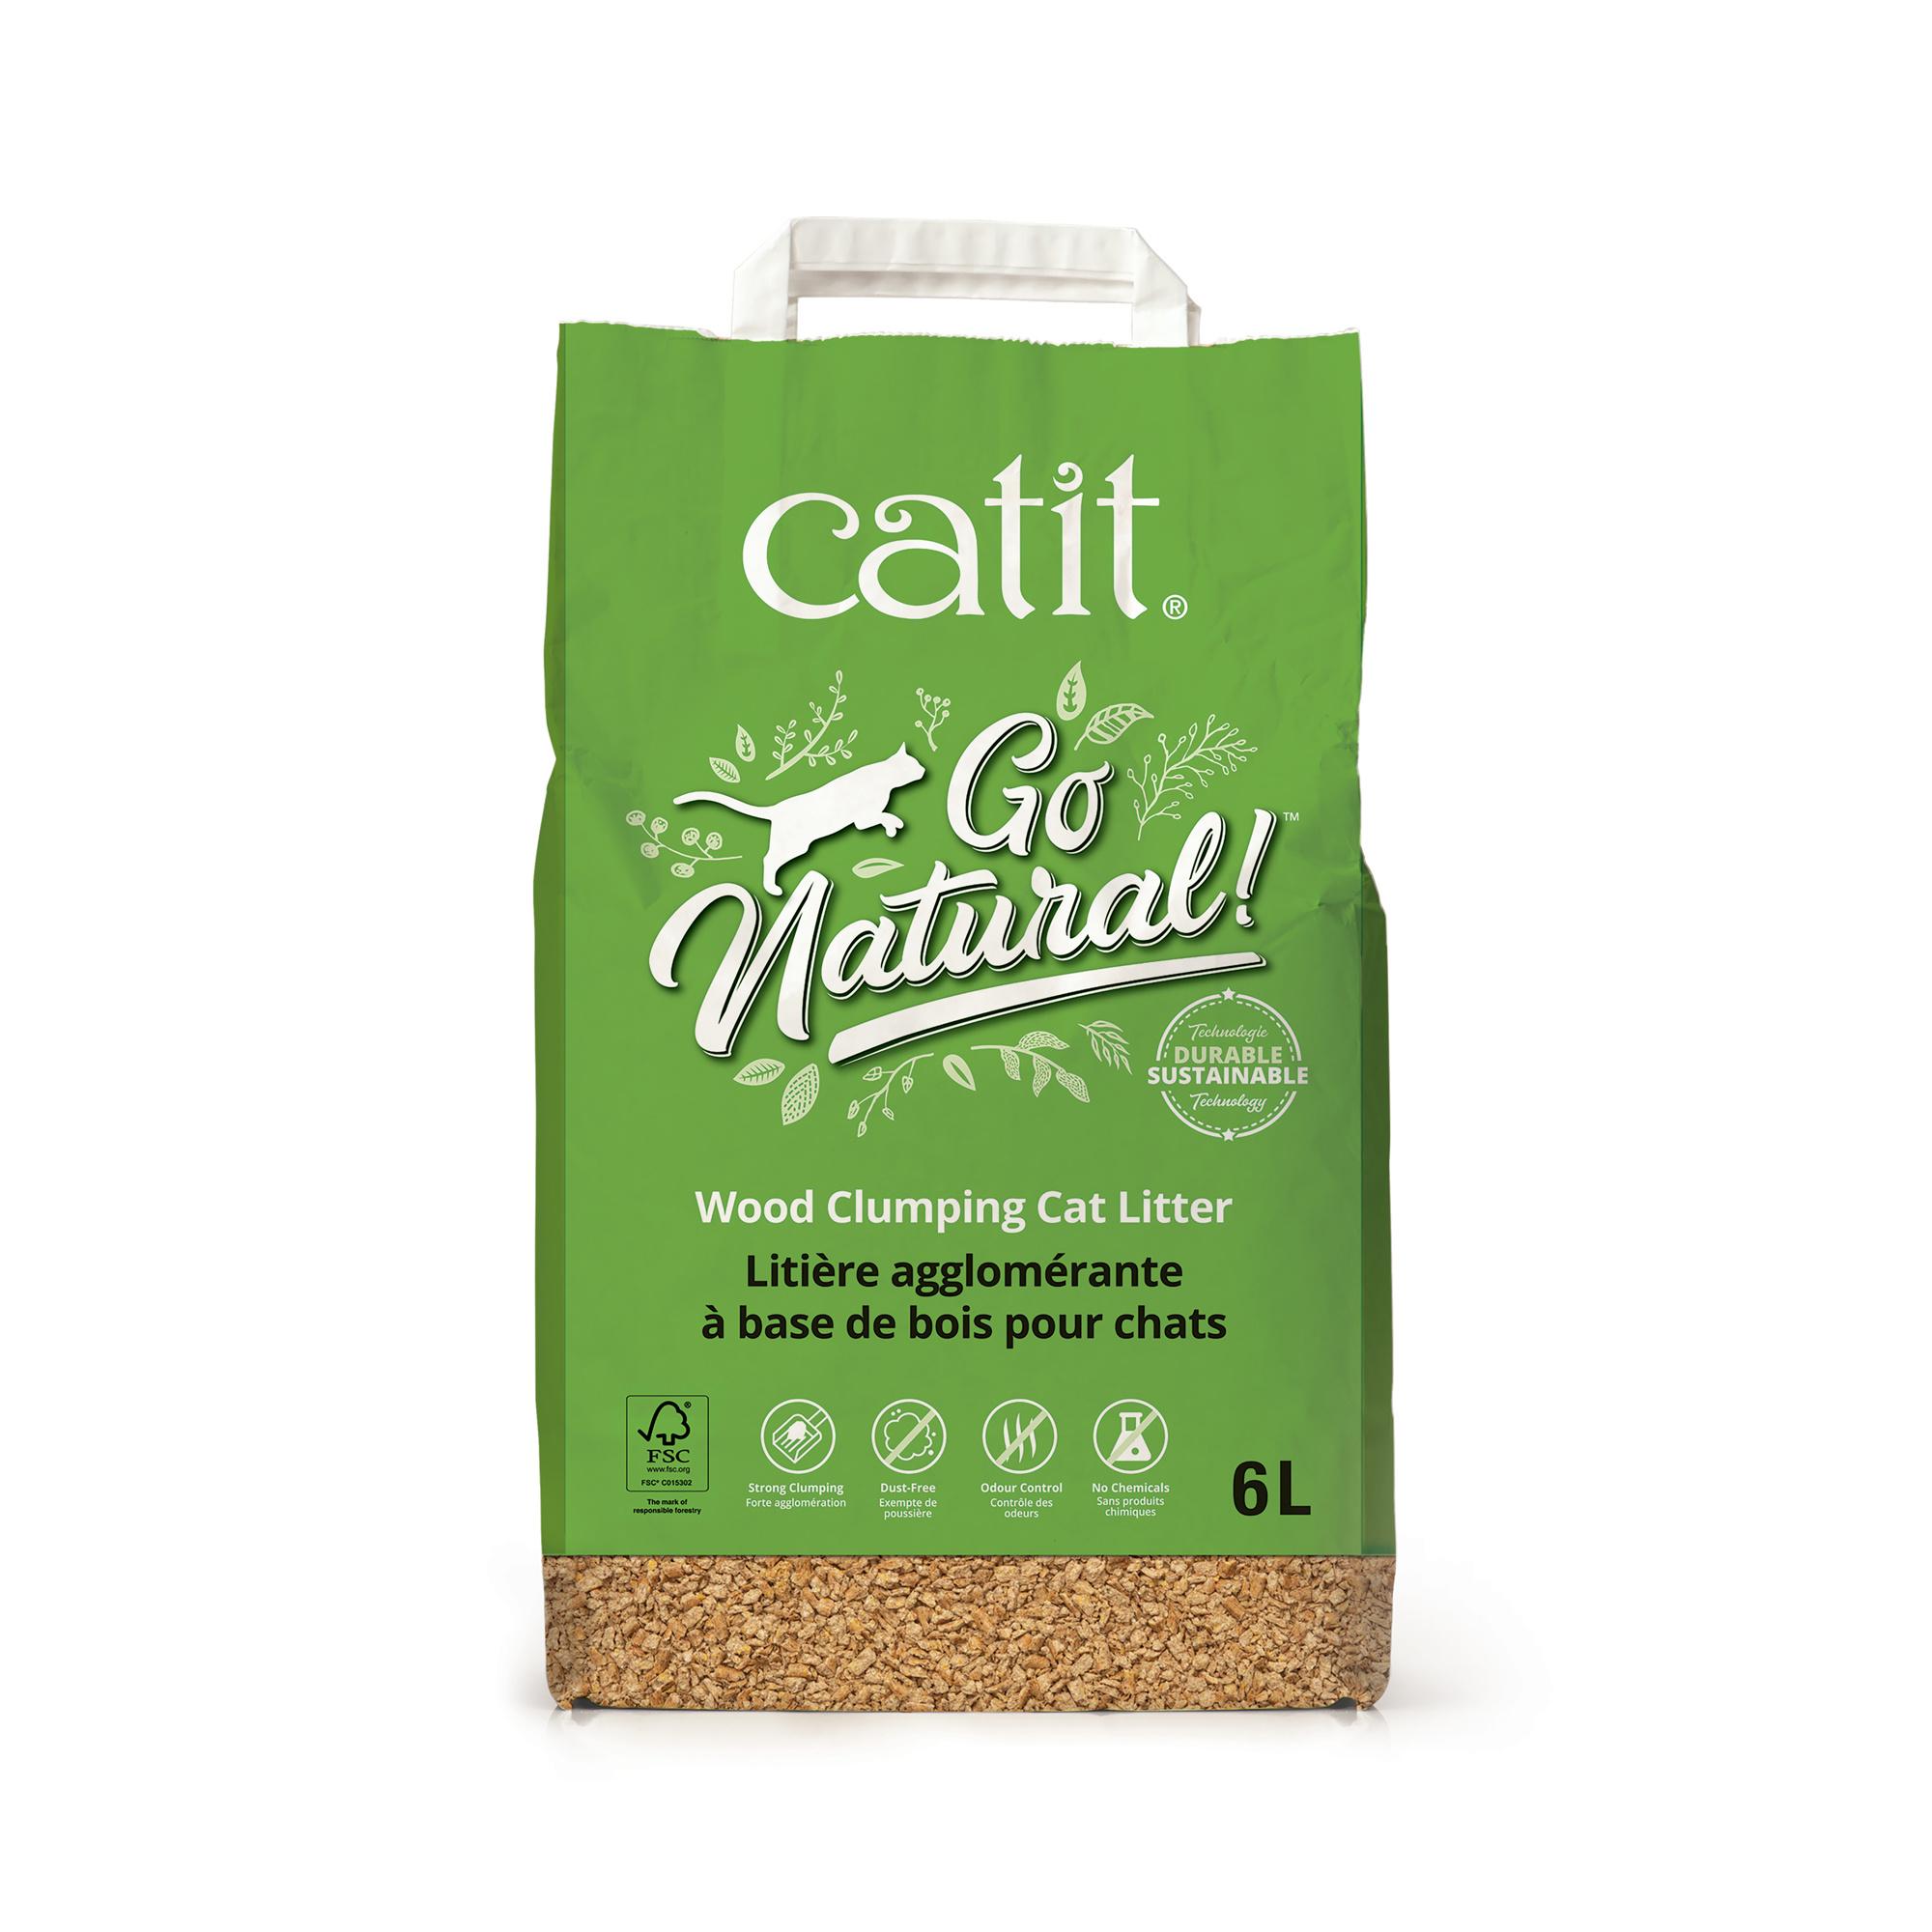 Cat It Catit Go Natural! Wood Clumping Cat Litter - 6 L bag